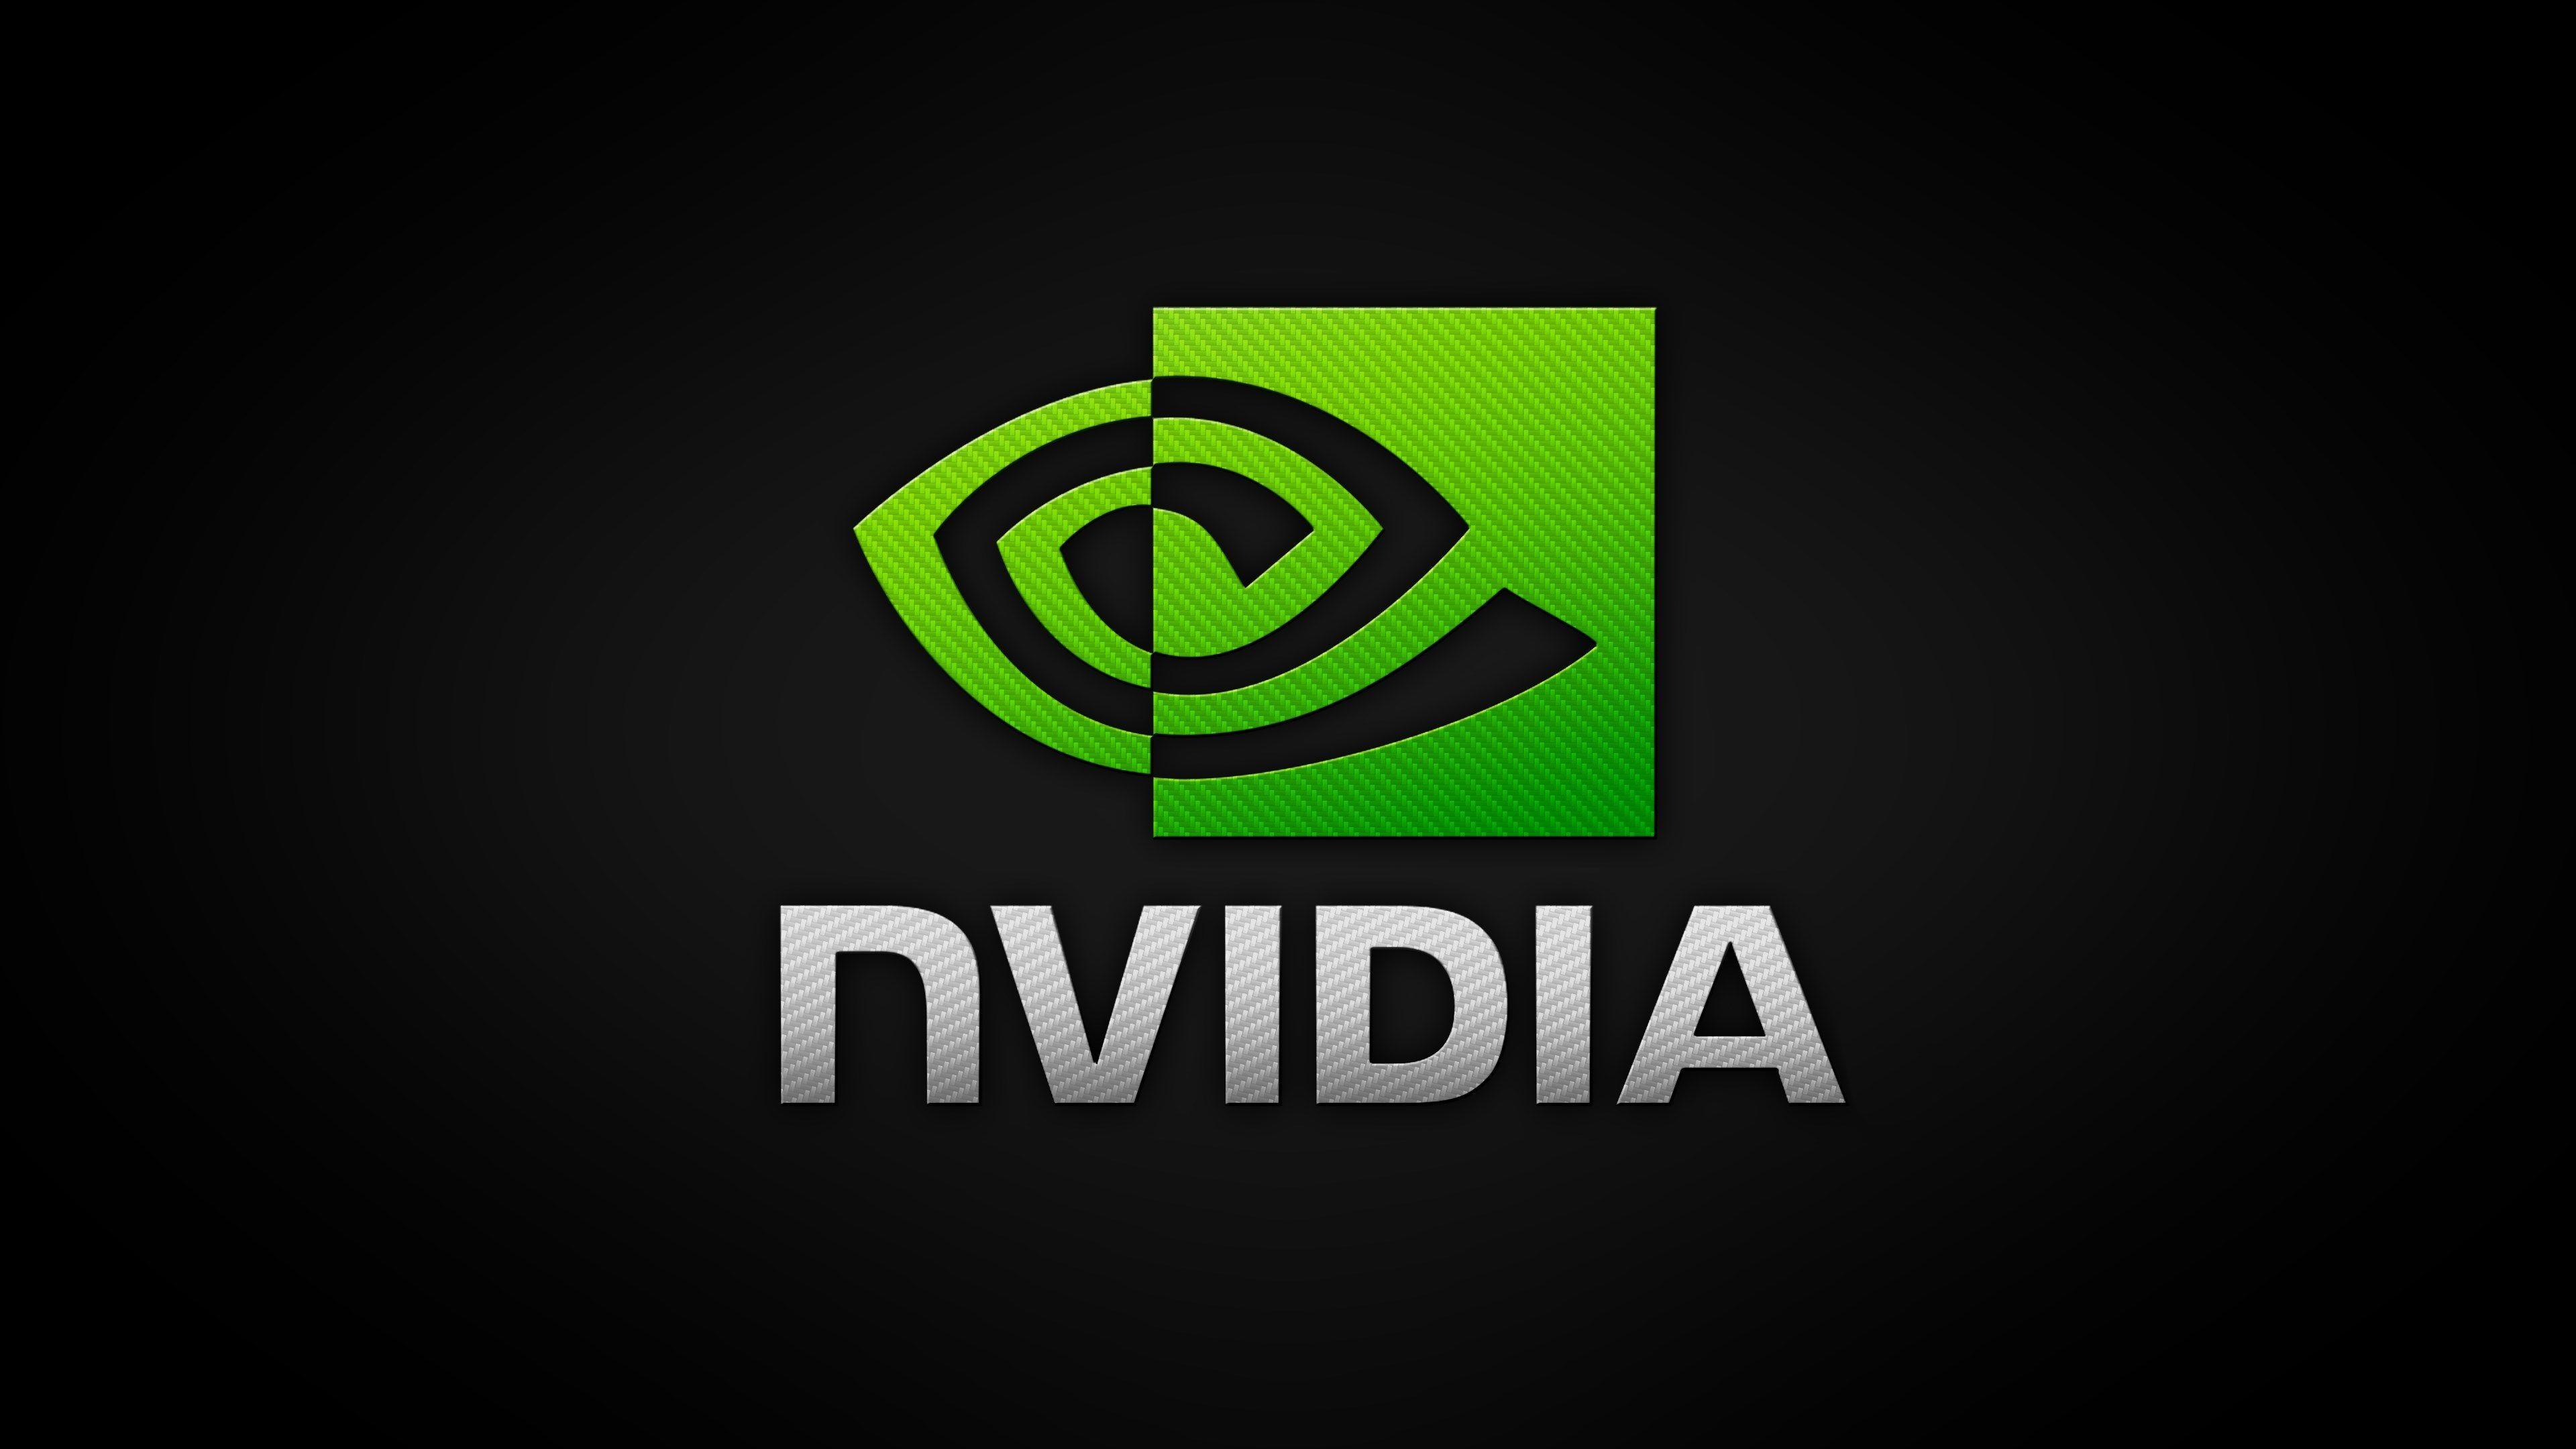 3840x2160 Nvidia 4k High Resolution Wallpaper Widescreen Nvidia Logos Bitcoin